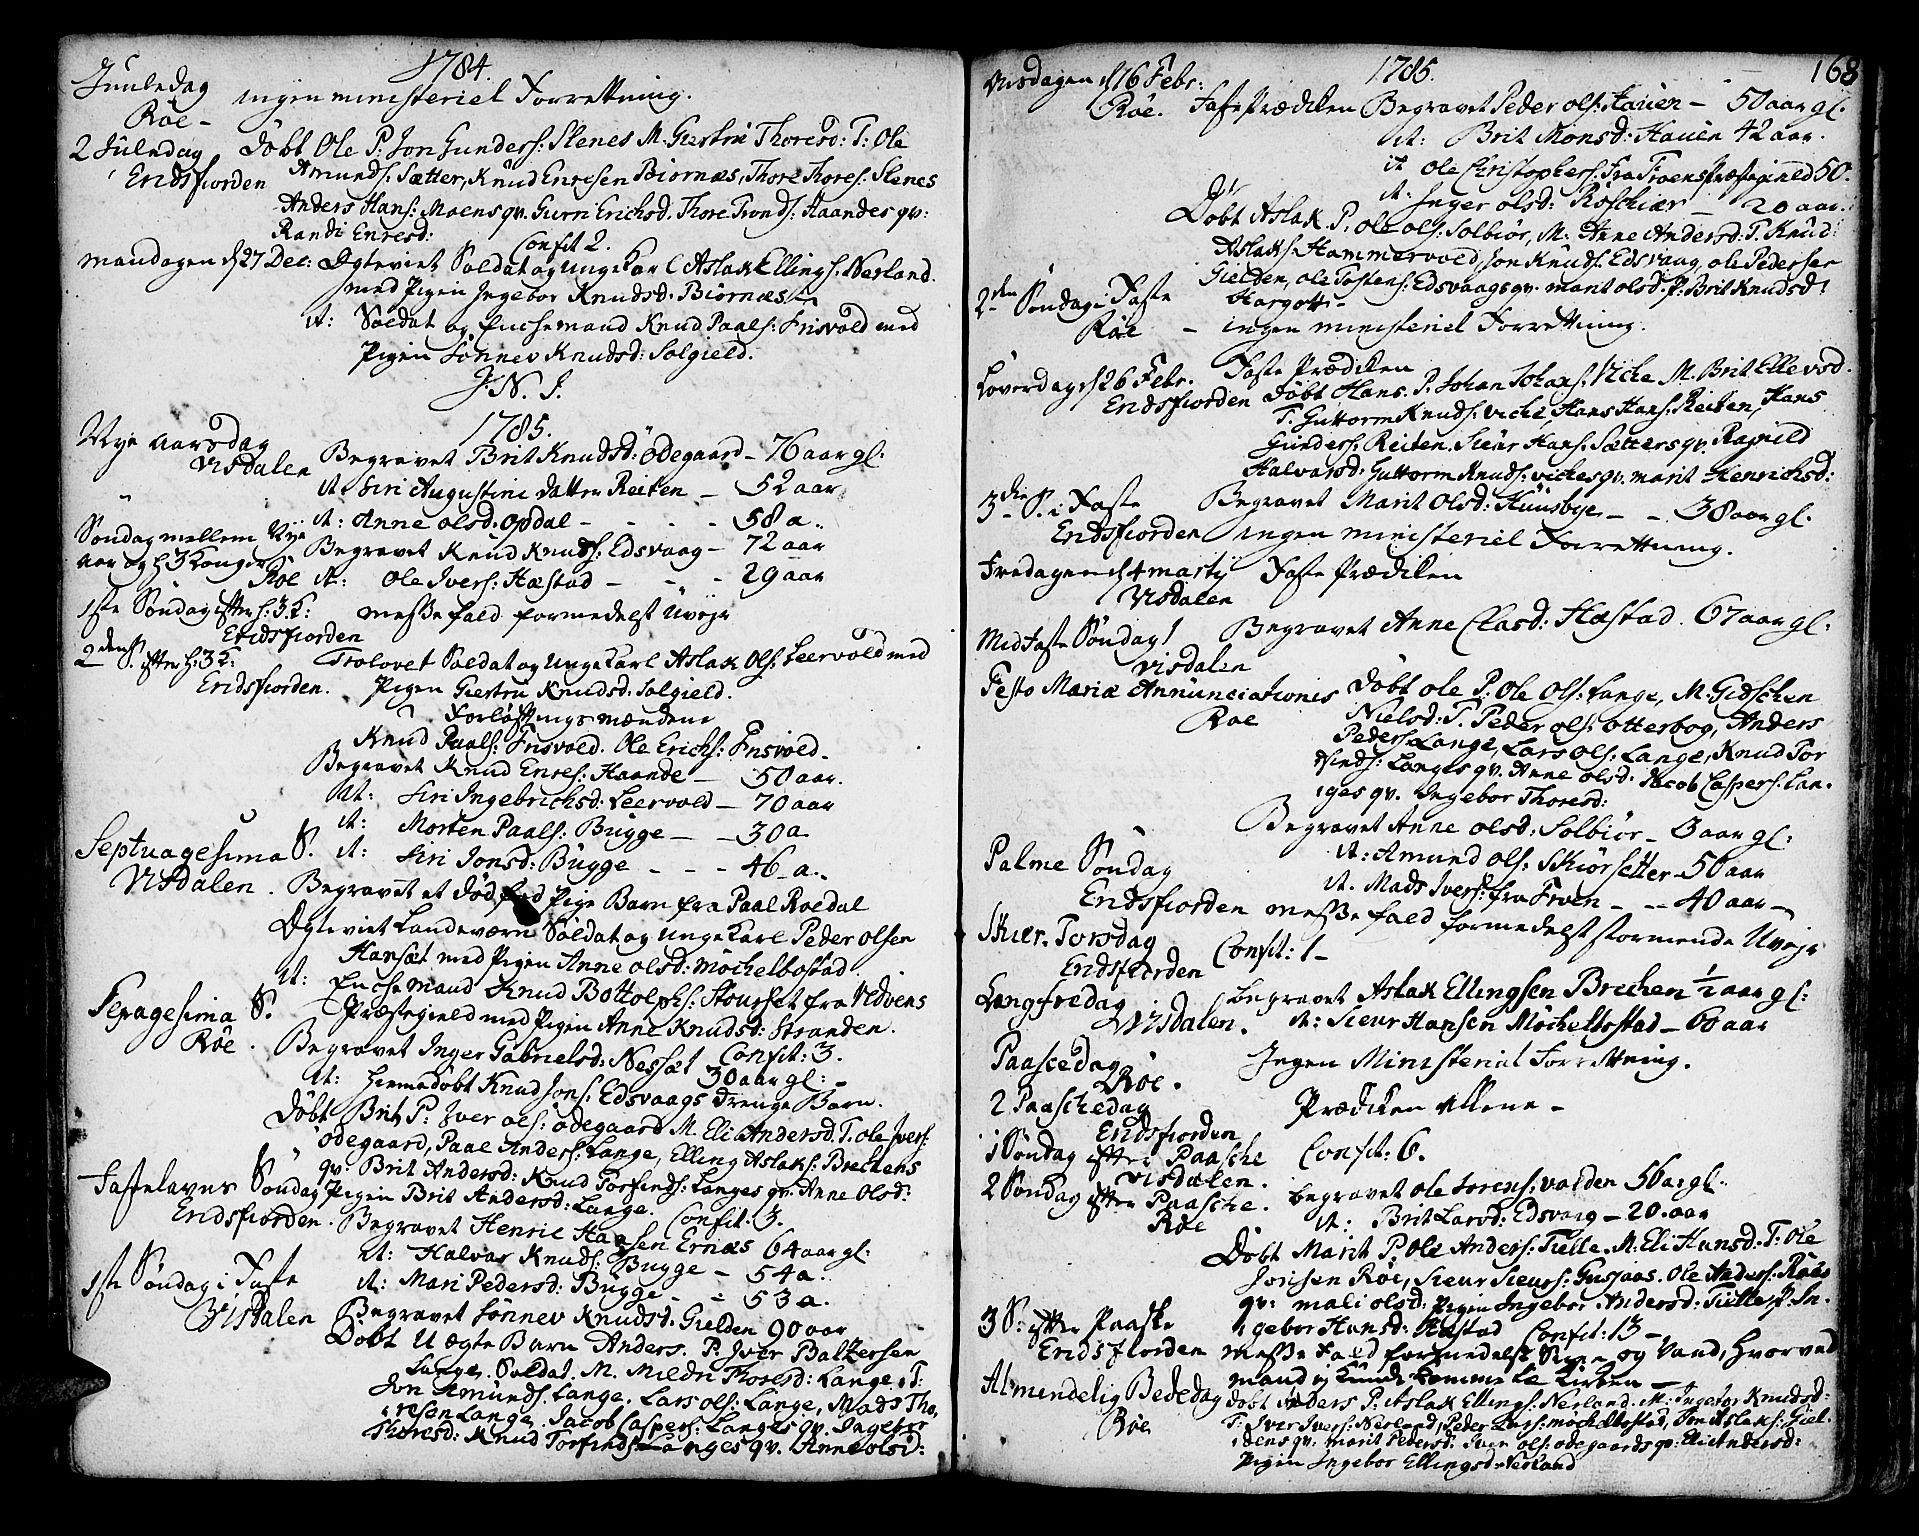 SAT, Ministerialprotokoller, klokkerbøker og fødselsregistre - Møre og Romsdal, 551/L0621: Ministerialbok nr. 551A01, 1757-1803, s. 168